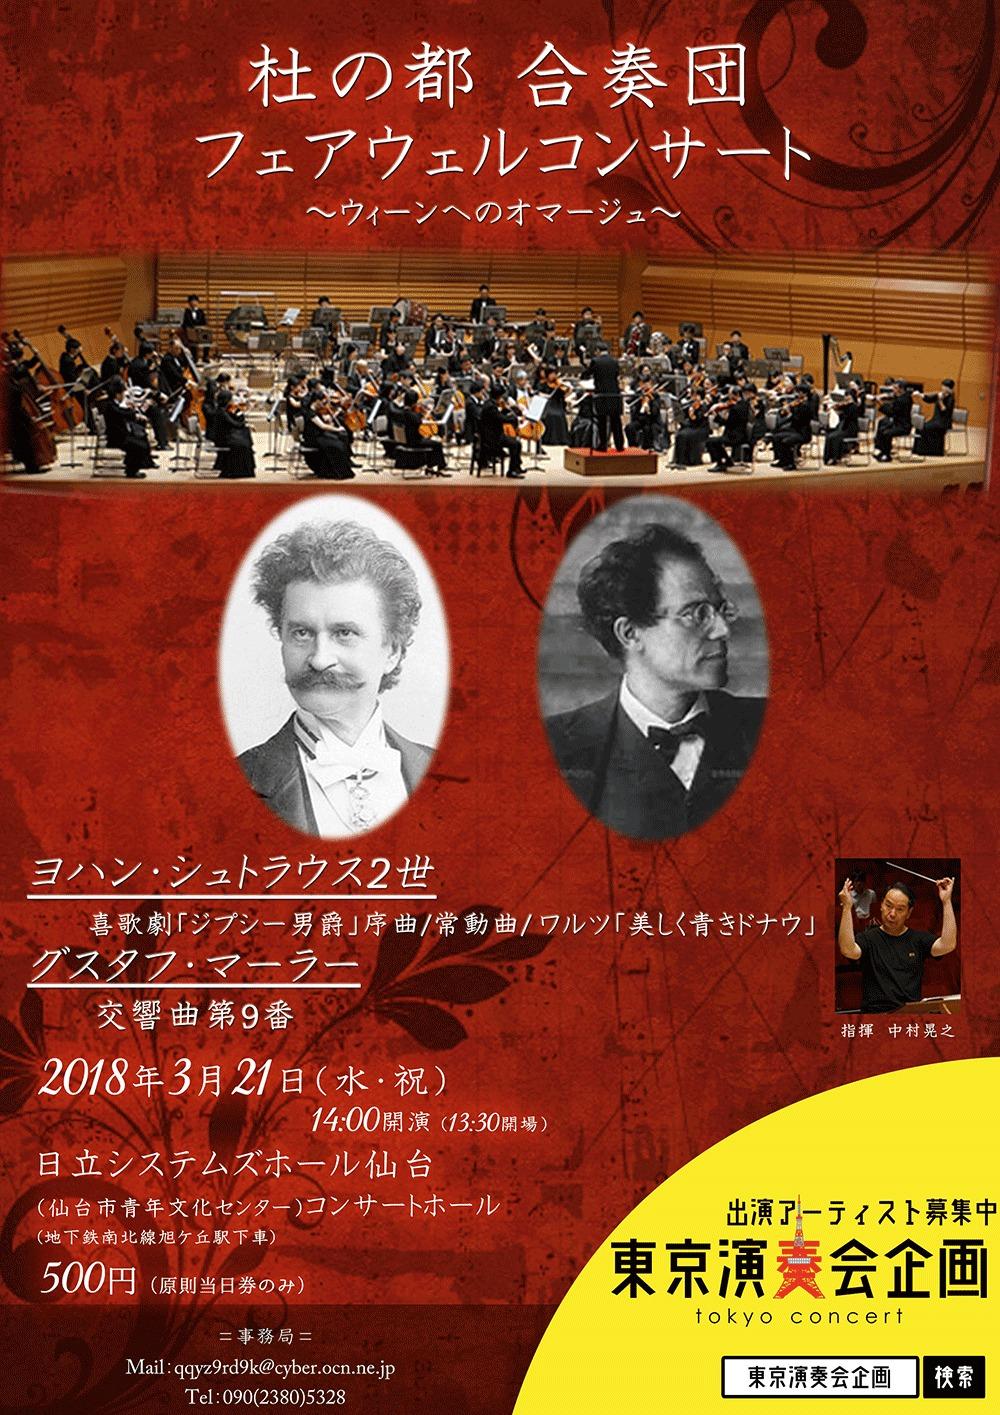 杜の都 合奏団 フェアウェルコンサート